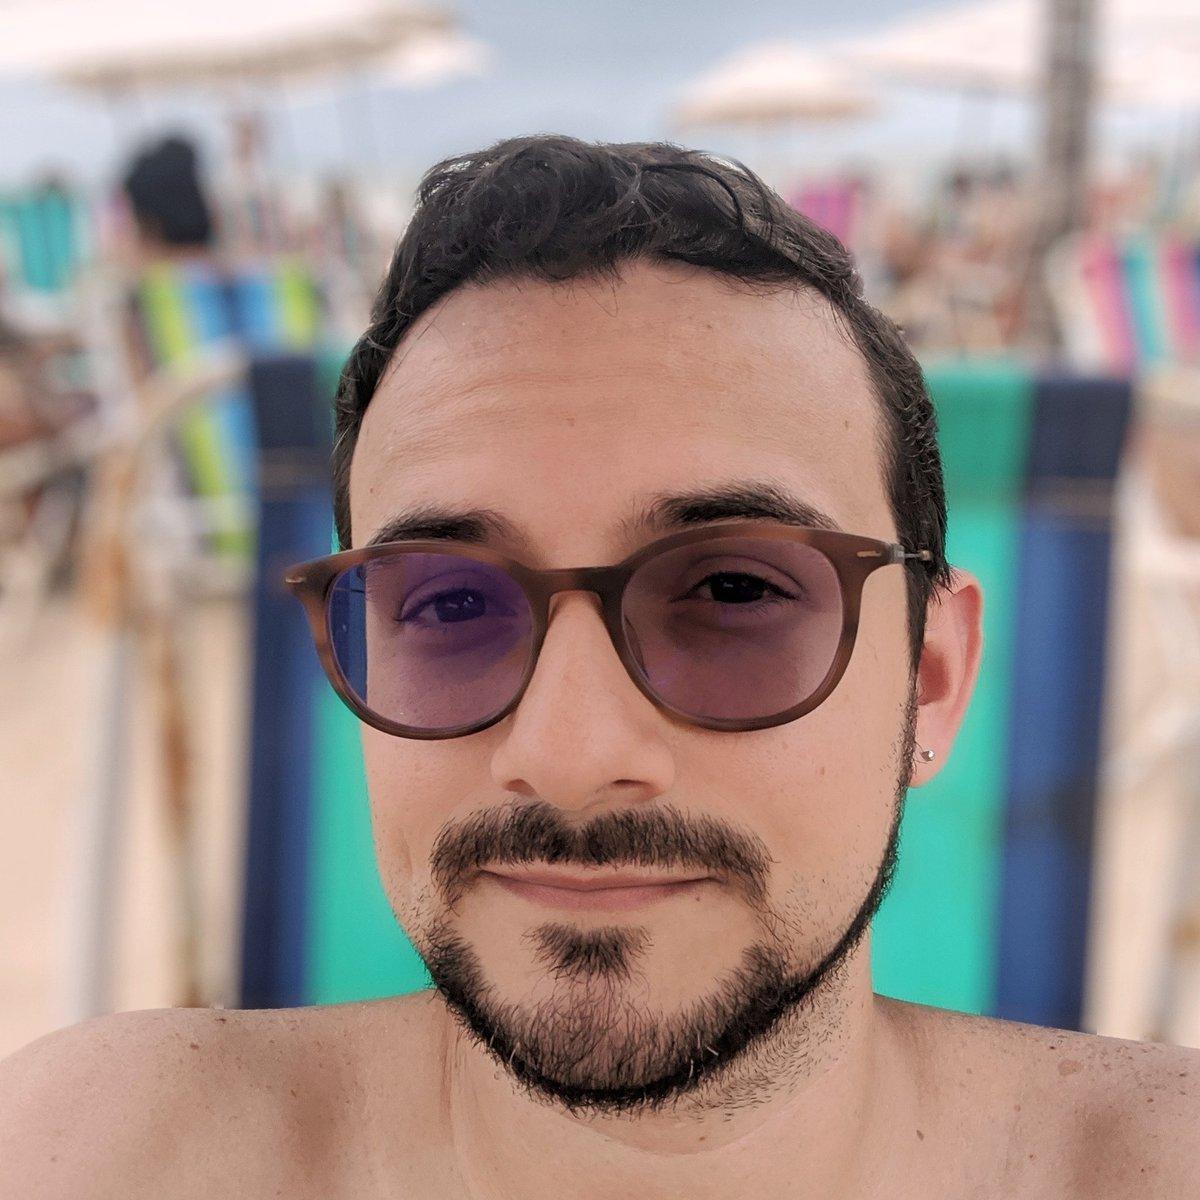 Aquela foto distoante na praia pra deixar essa timeline bem diversificada 🌞 #beach #praia #pixel2